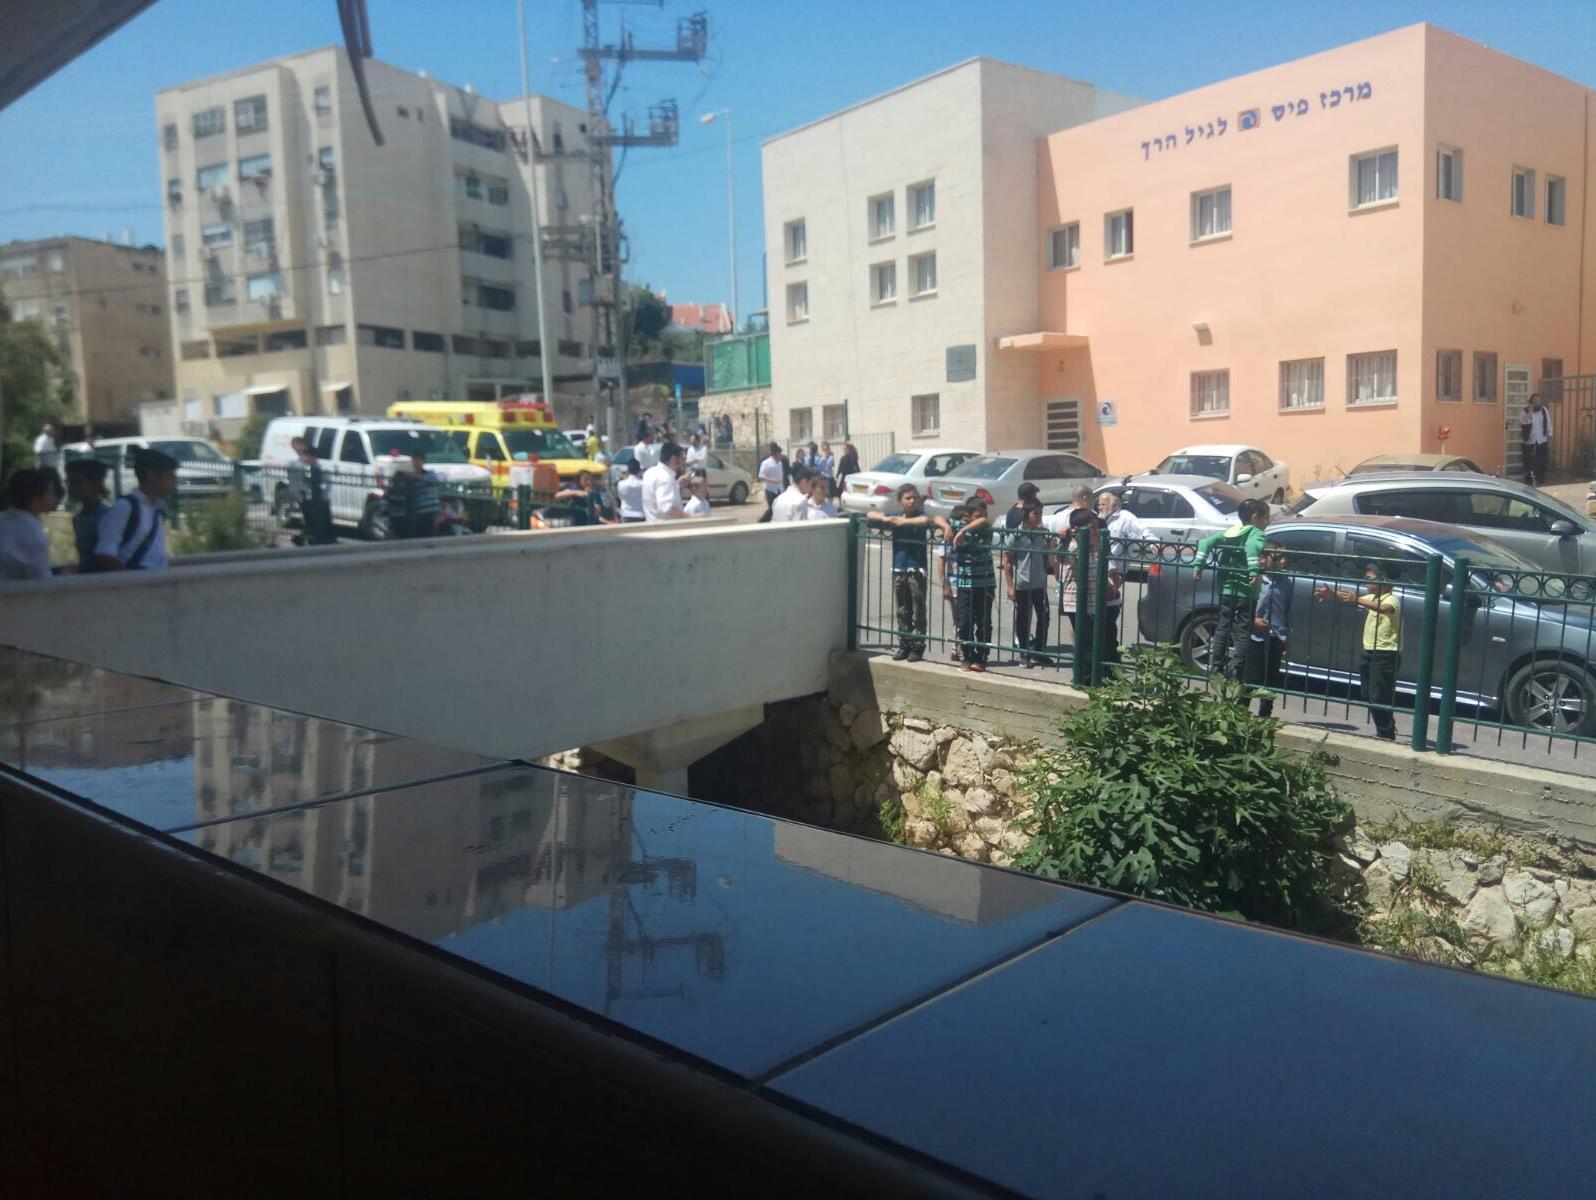 פעוט בן שנתיים מת סמוך לחיפה לאחר שנשכח ברכב סגור במשך שעות